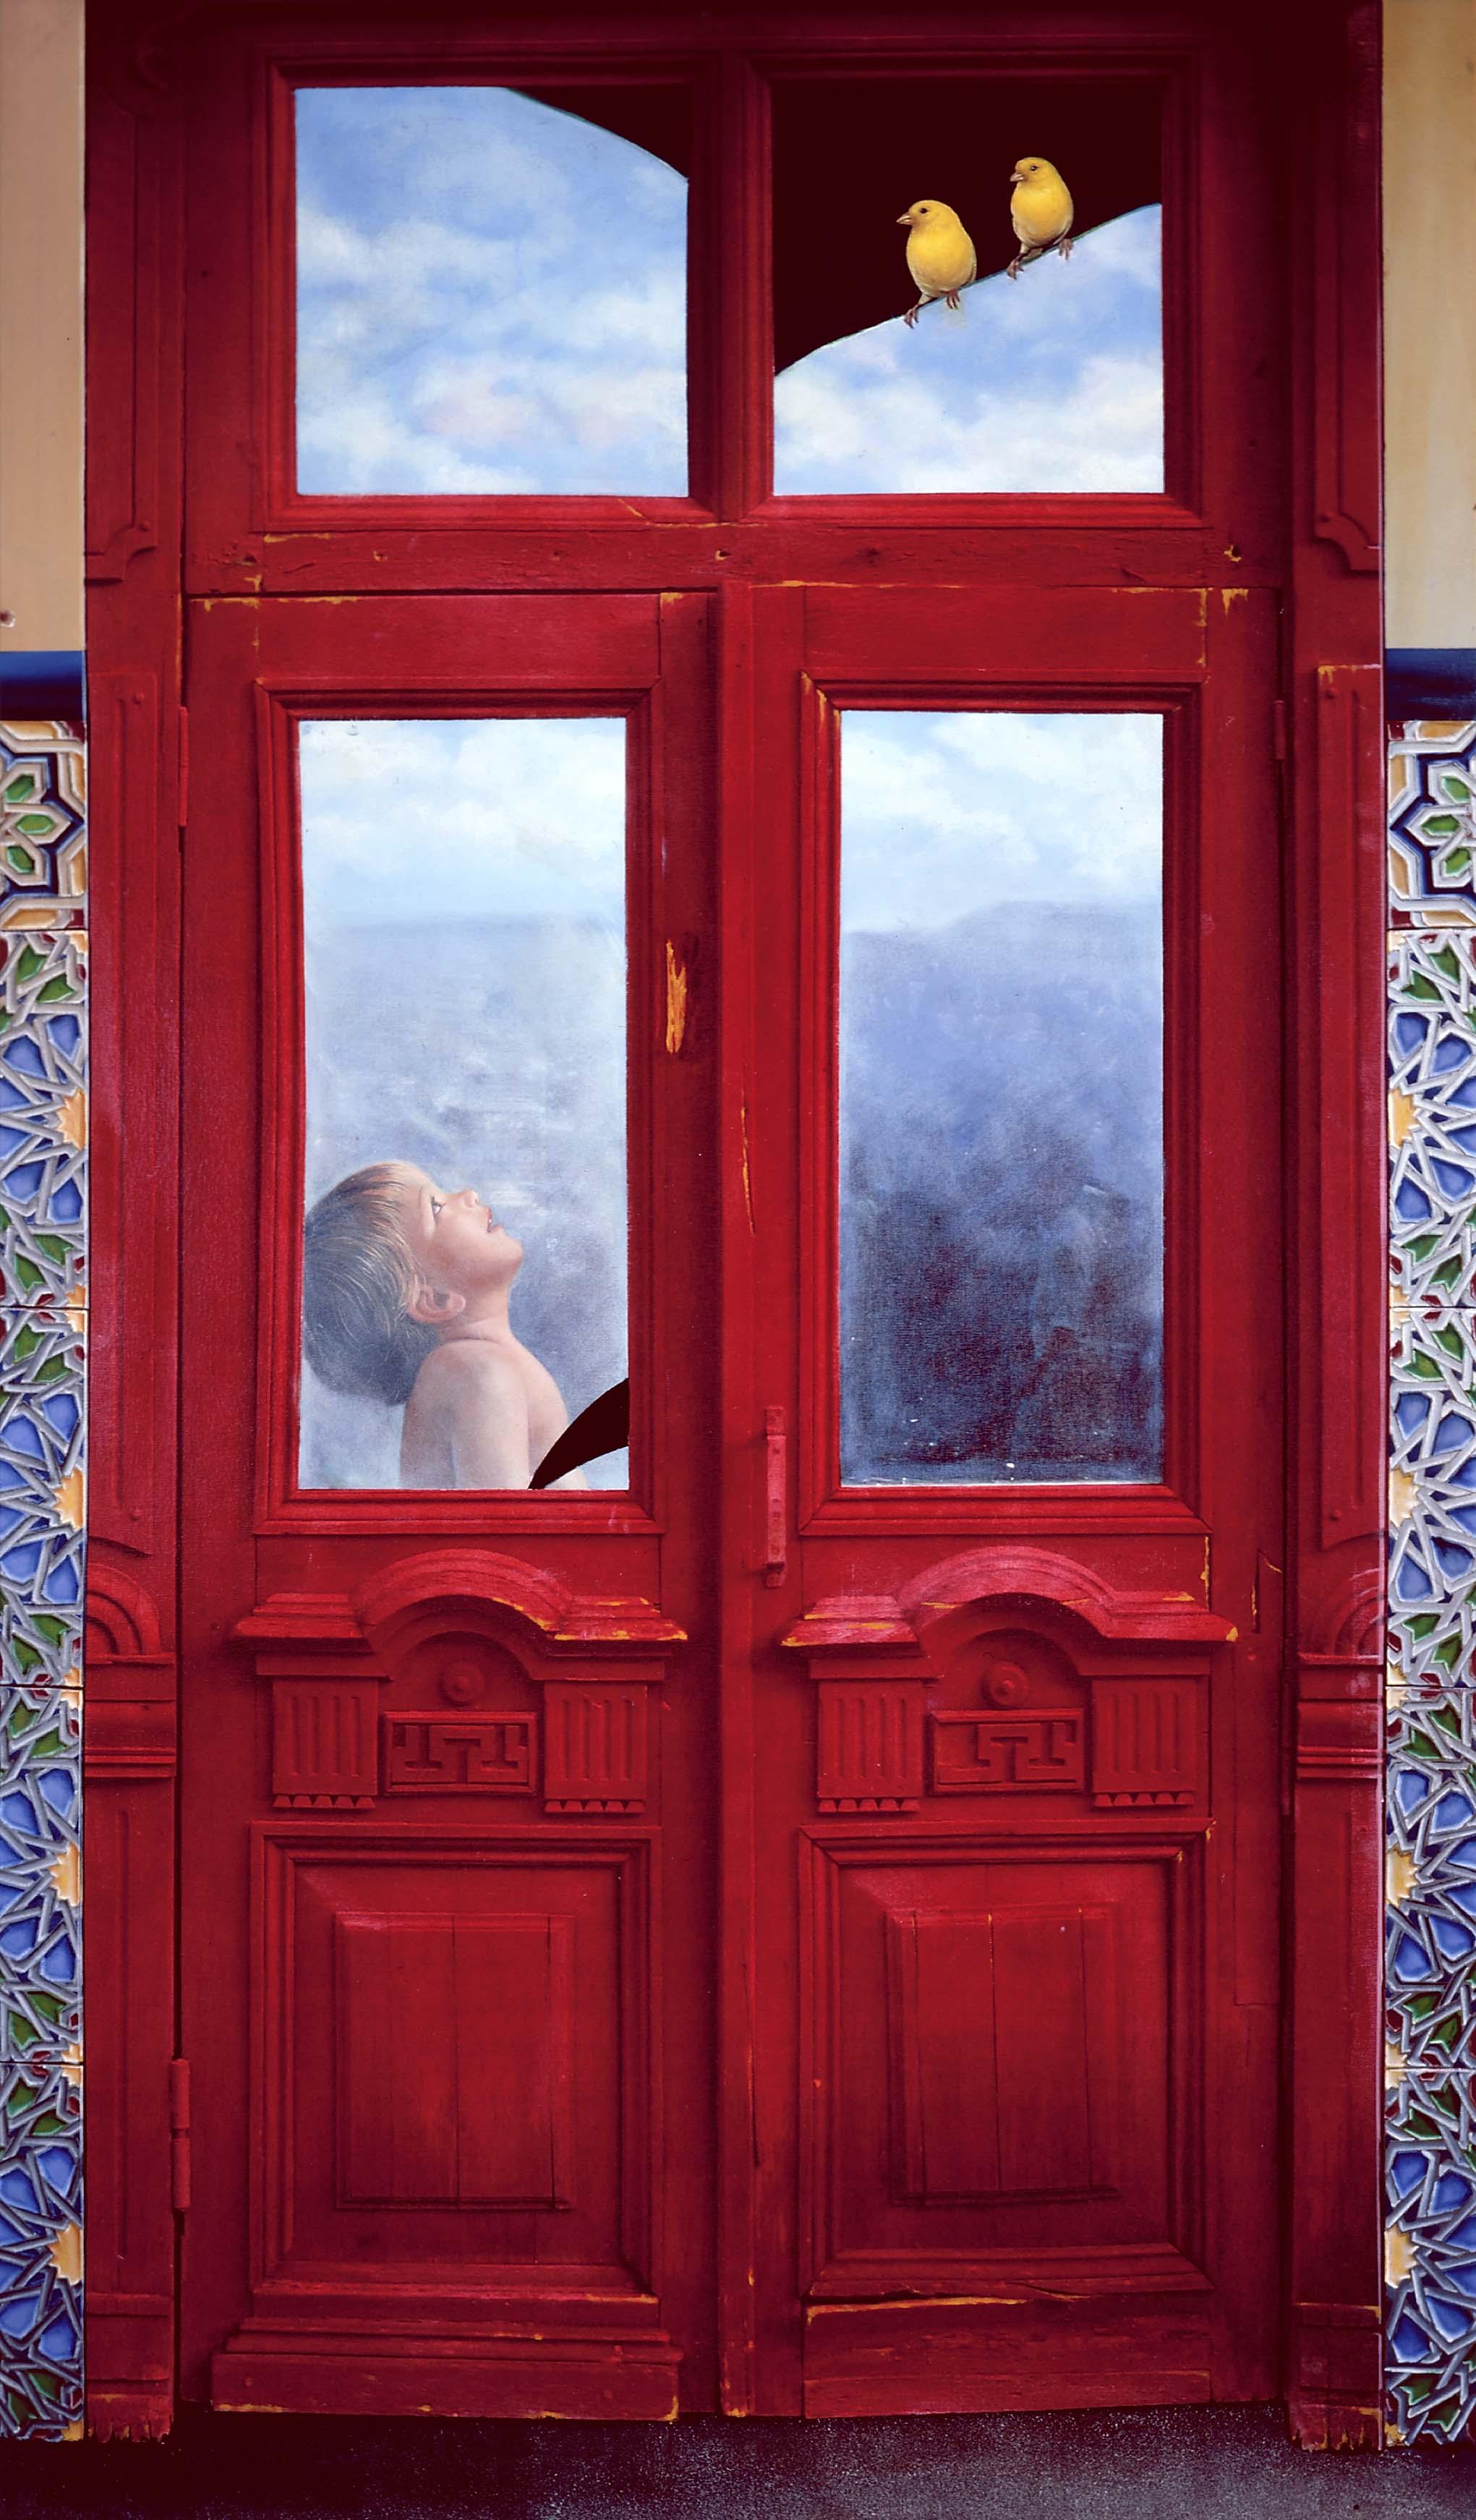 Historia que en la puerta se refleja